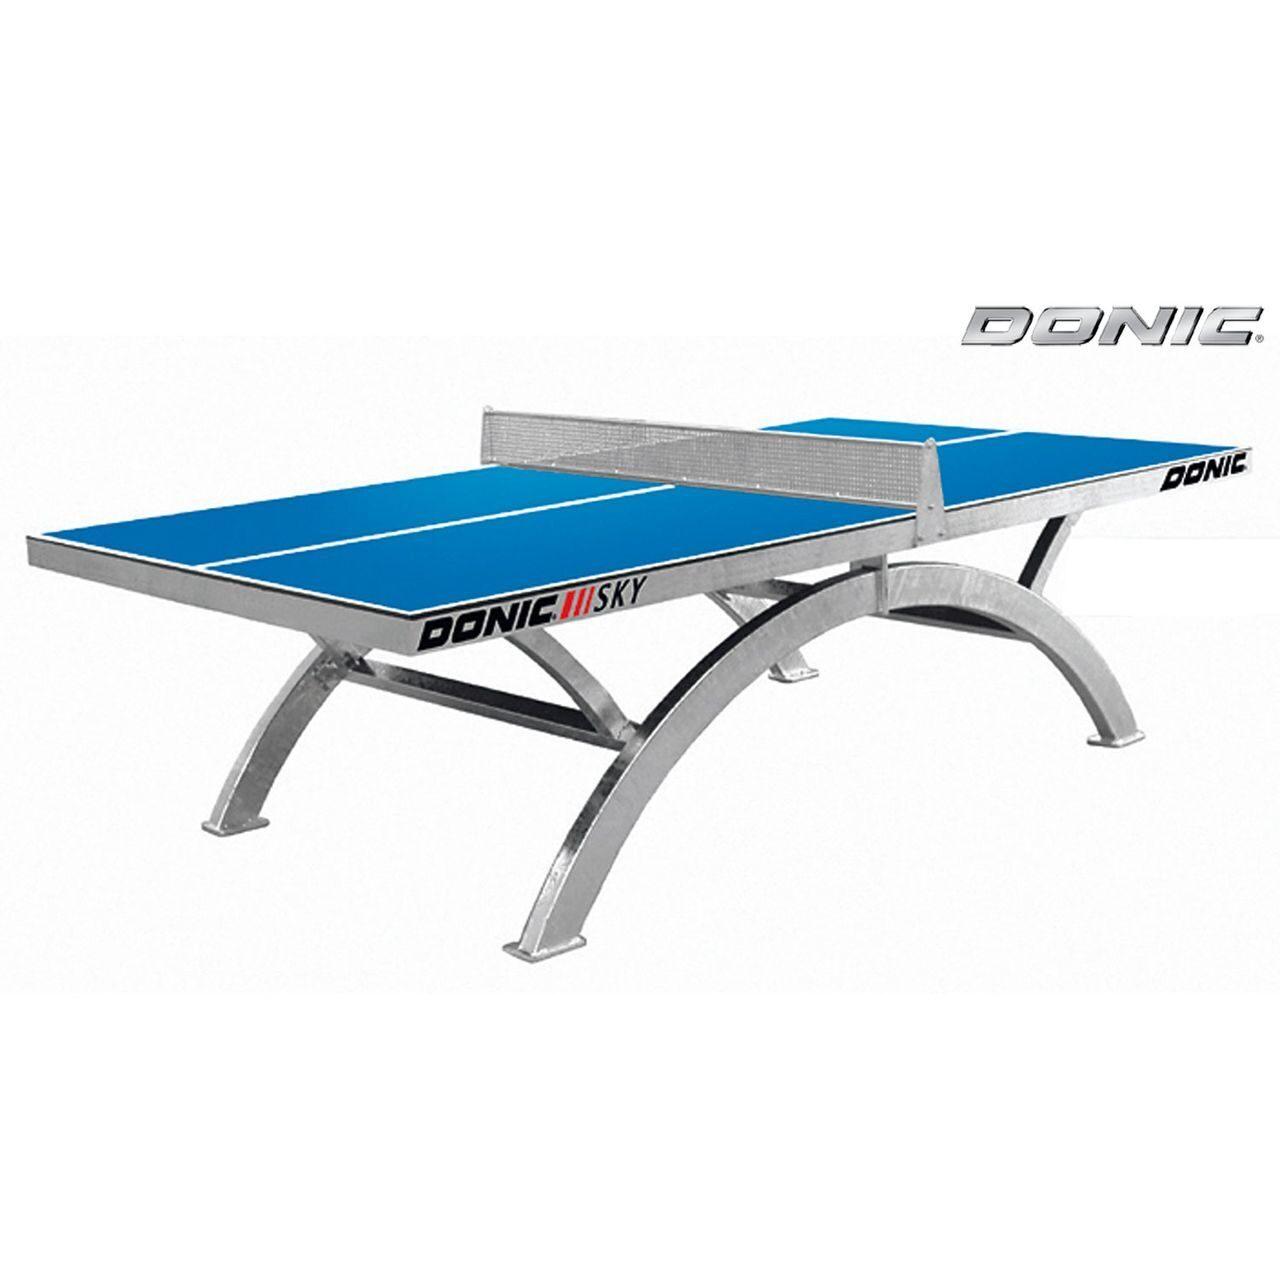 Антивандальный теннисный стол Donic SKY синий 230265